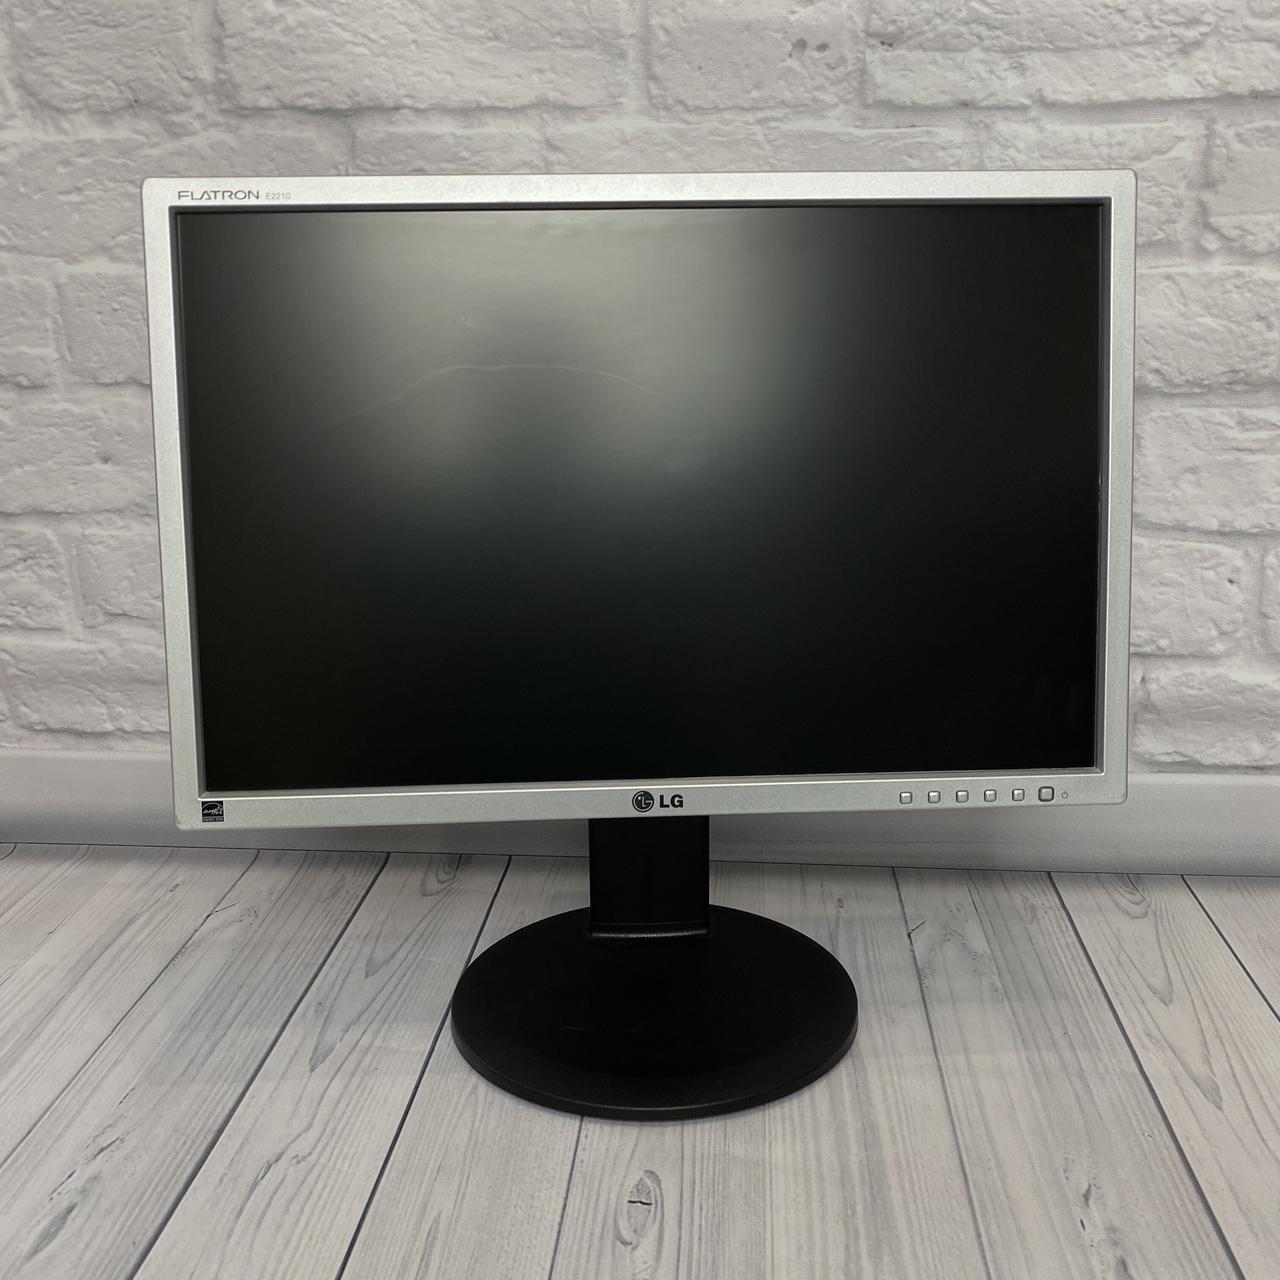 Монітор LG 22 LED (Матриця TN / DVI / VGA / Роздільна здатність 1680x1050)